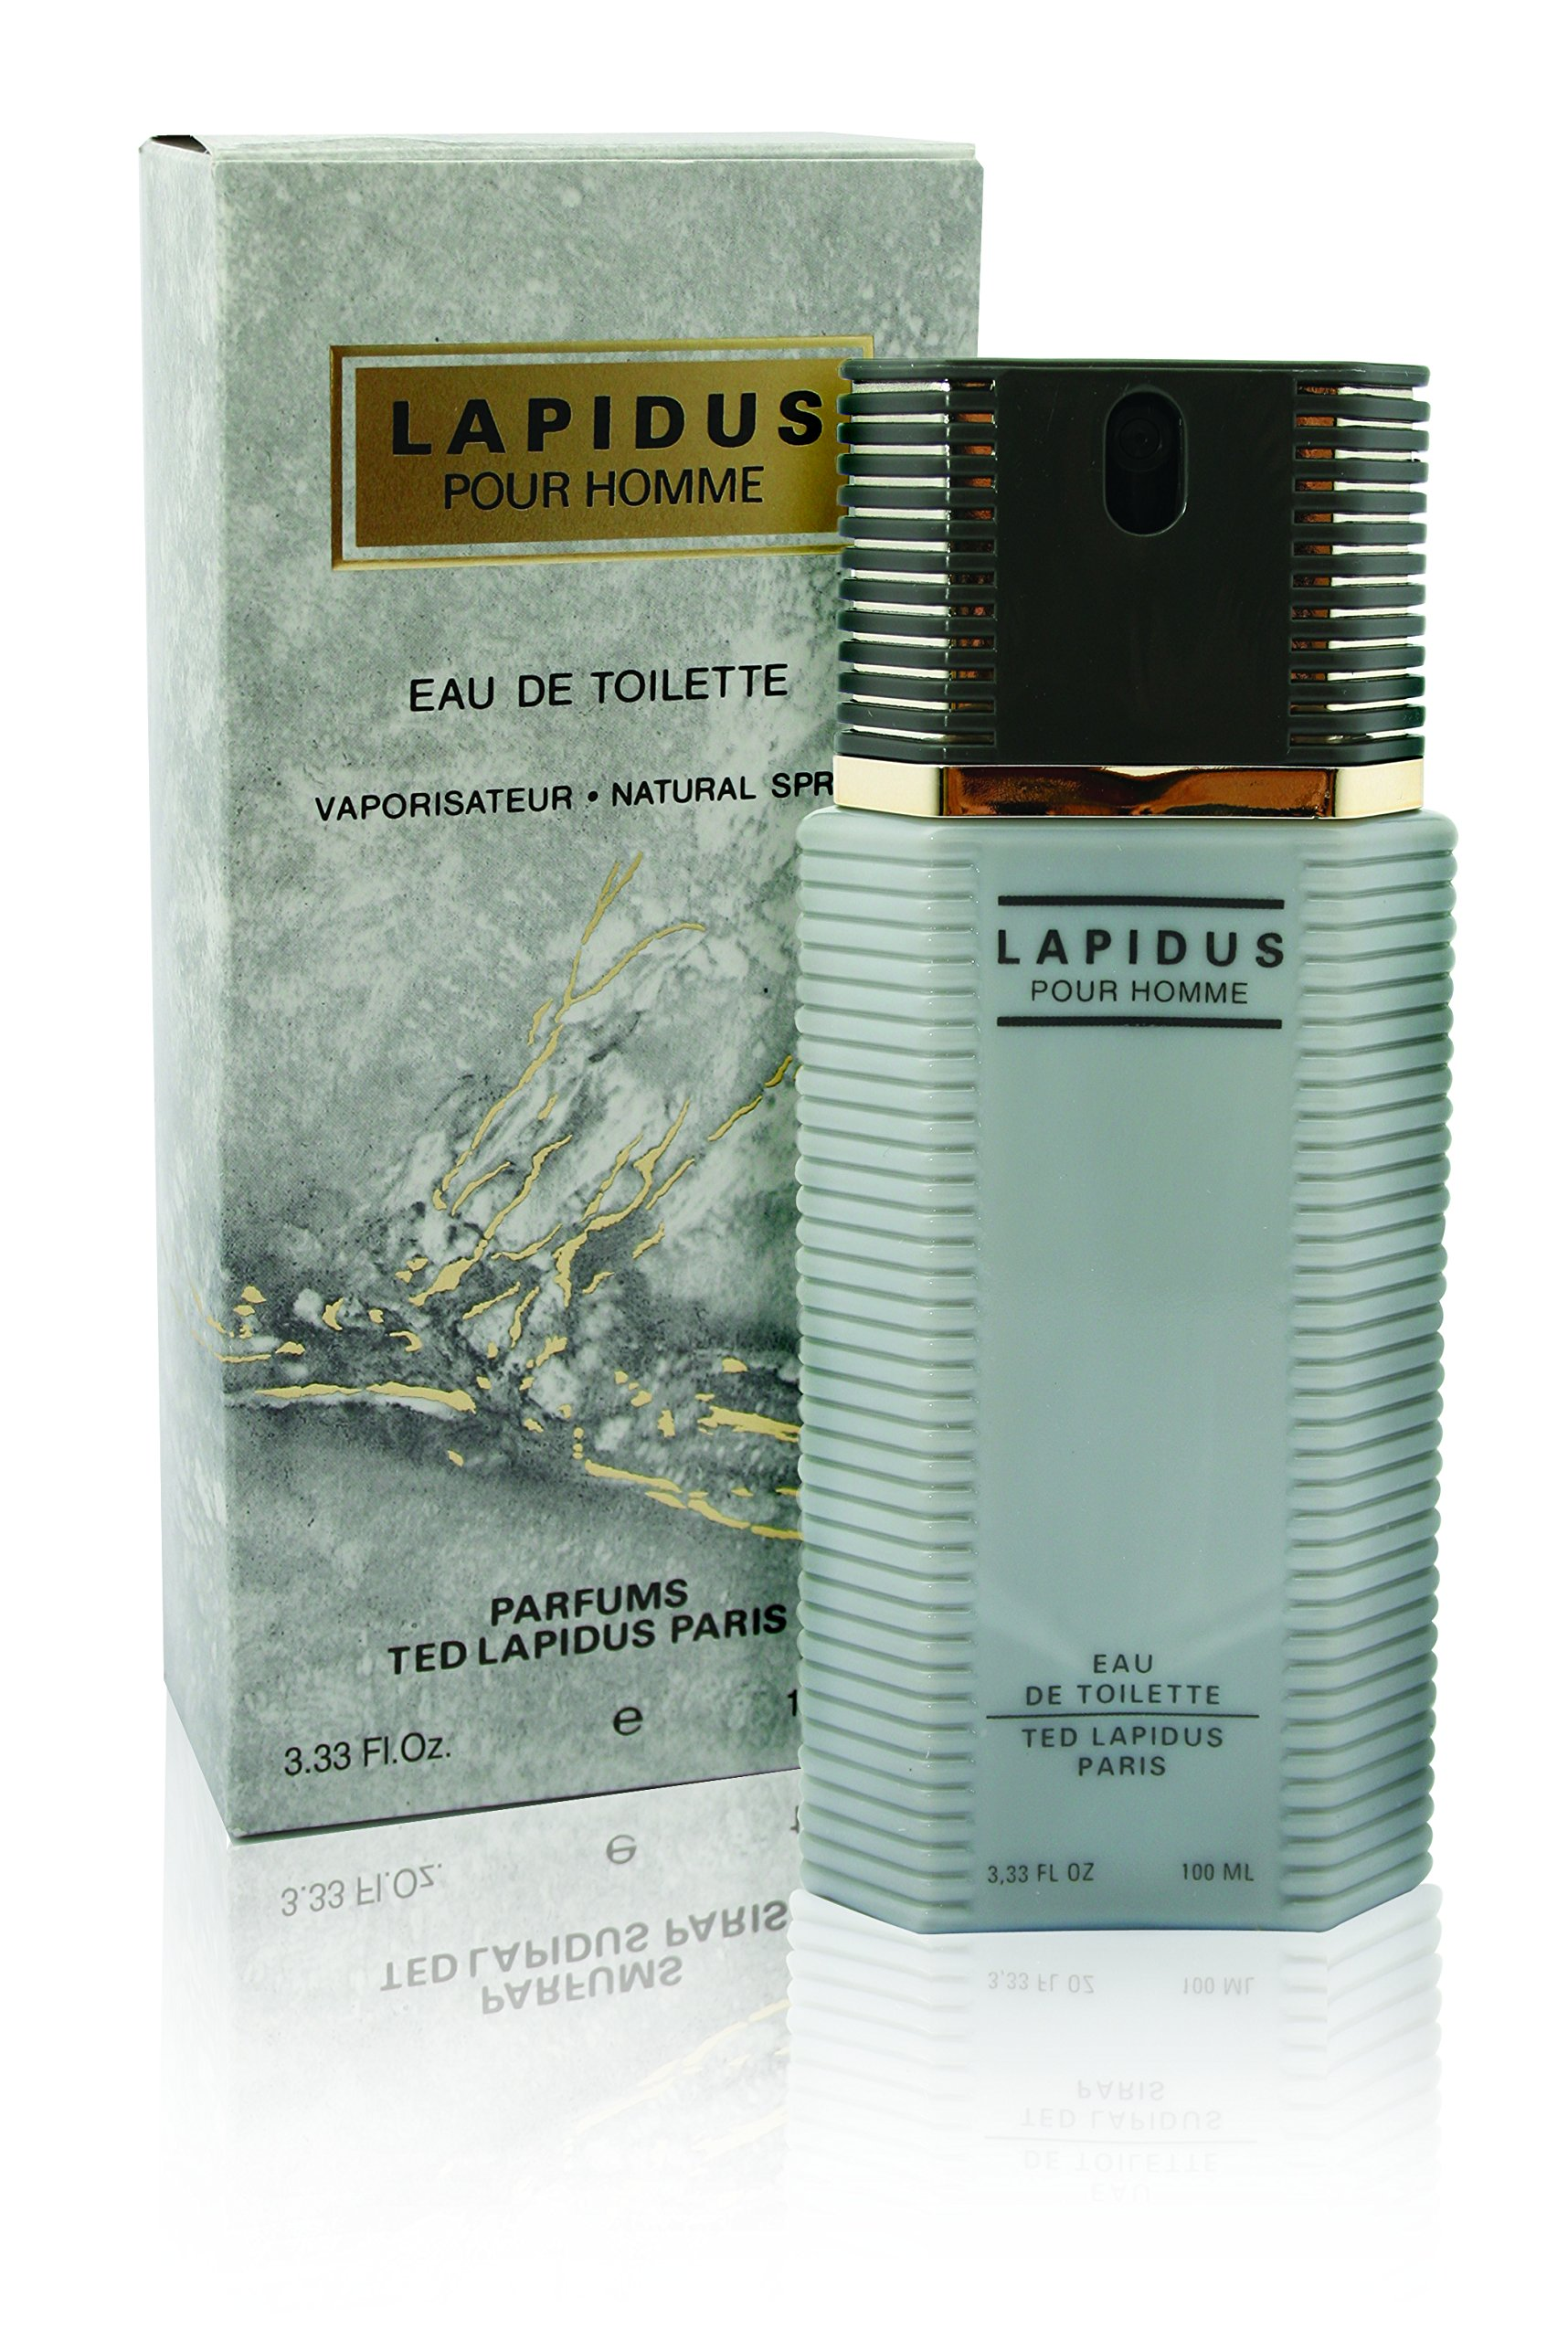 04810d4ba Ted Lapidus Lapidus Pour Homme Eau de Toilette Vaporizador 100 ml product  image